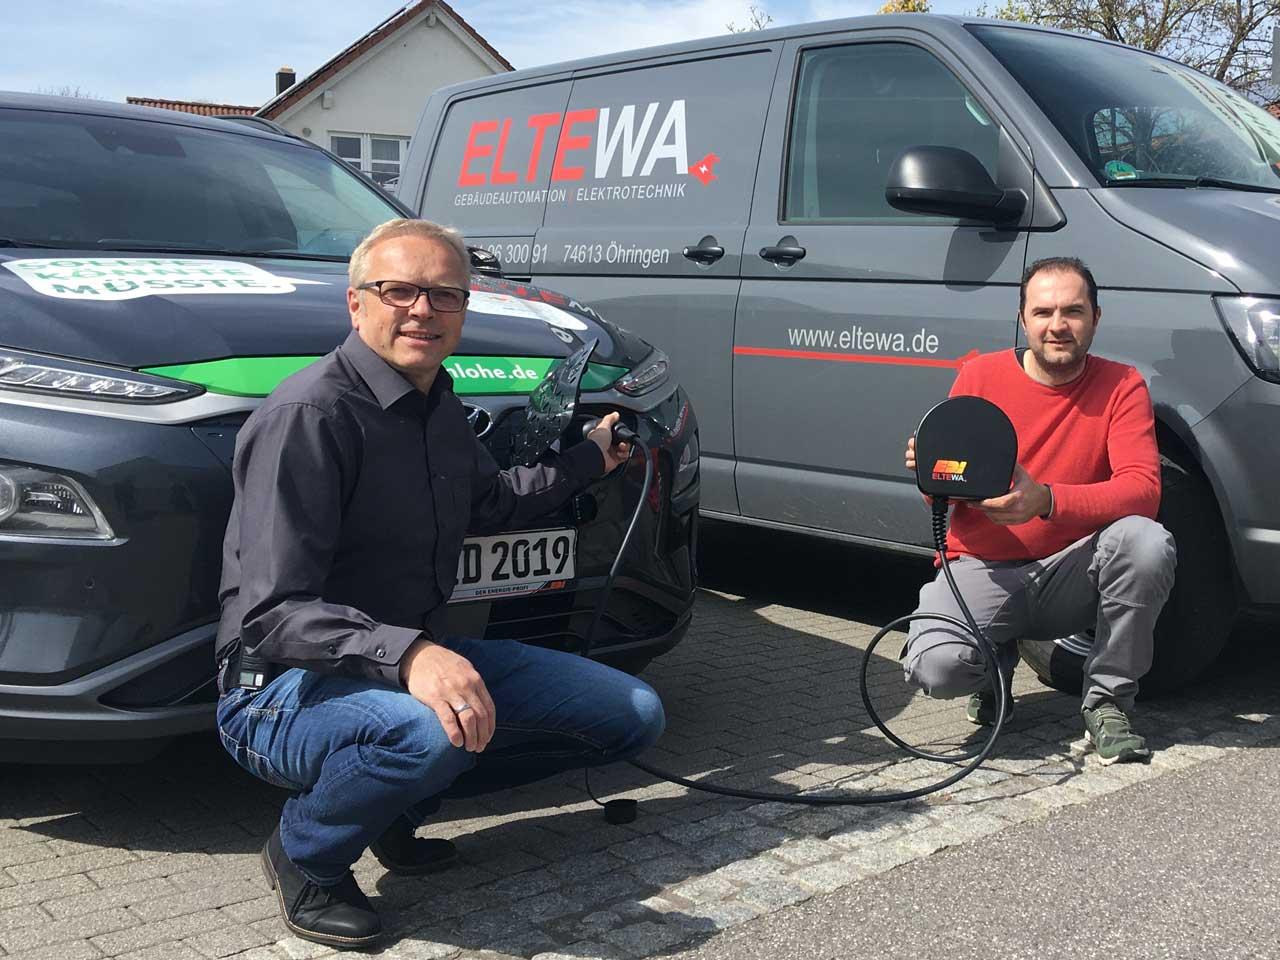 Matthias Groner (EDi) und Jörg Wallisch (ELTEWA) zeigen die Wallbox.